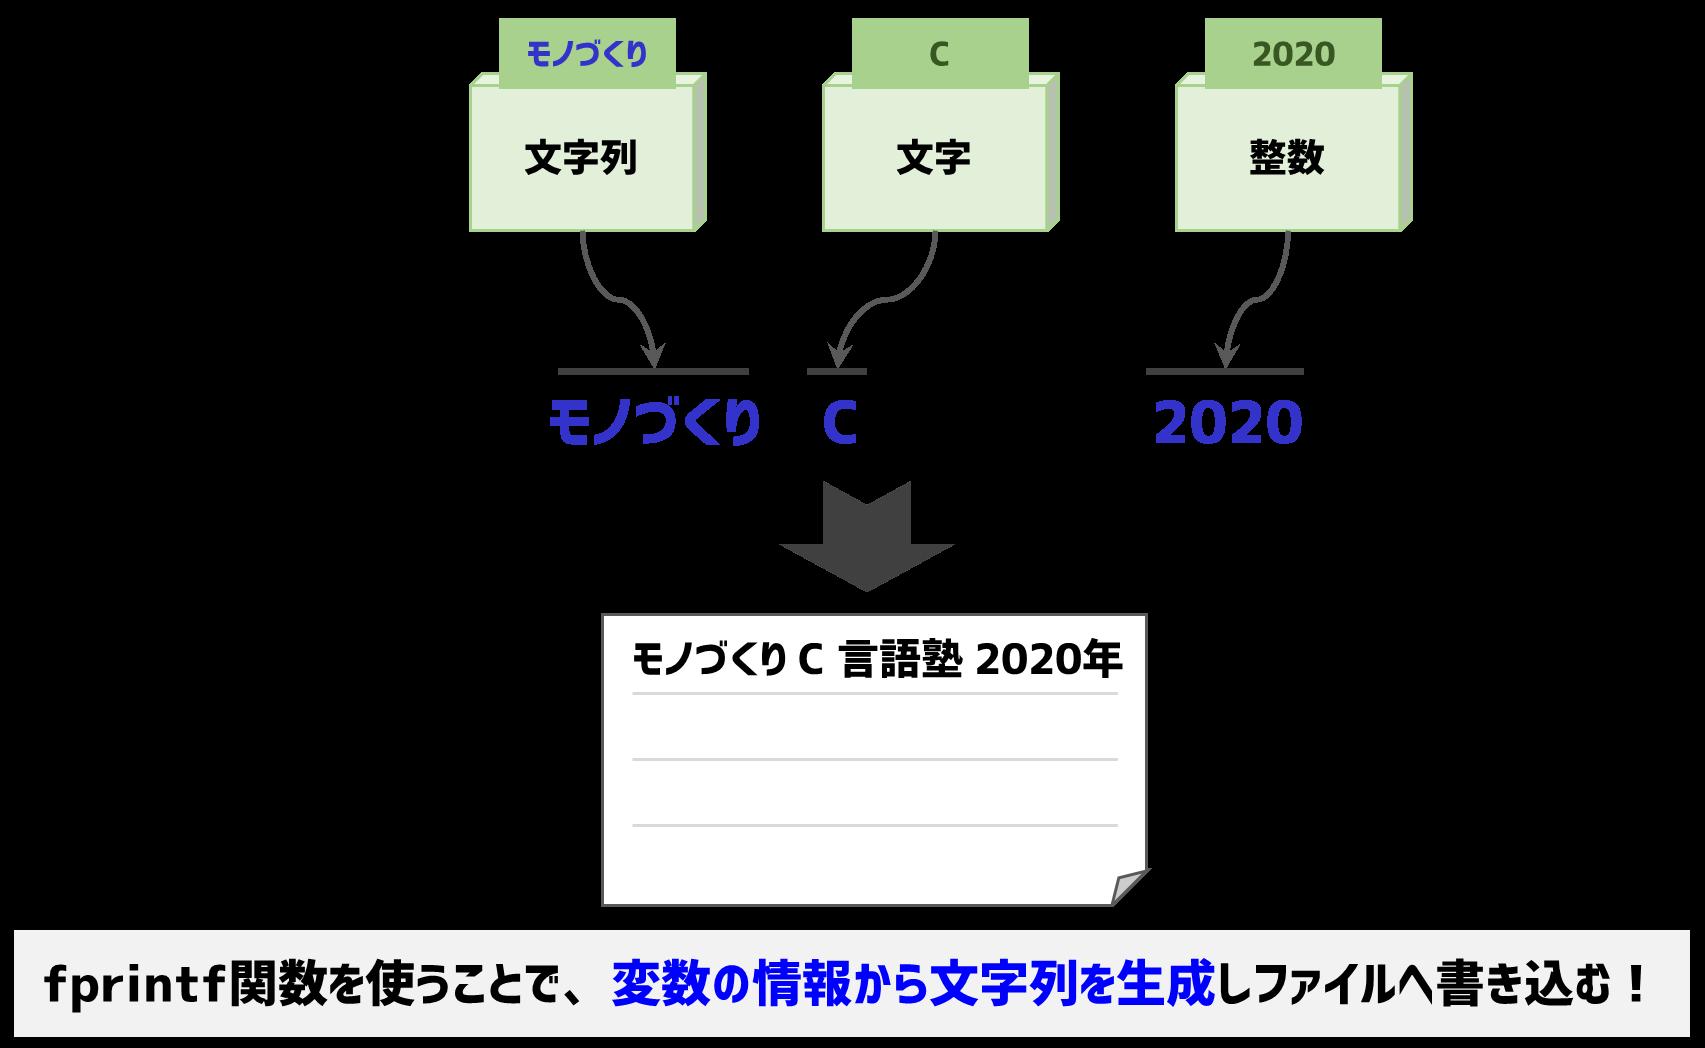 fprintf関数のイメージ